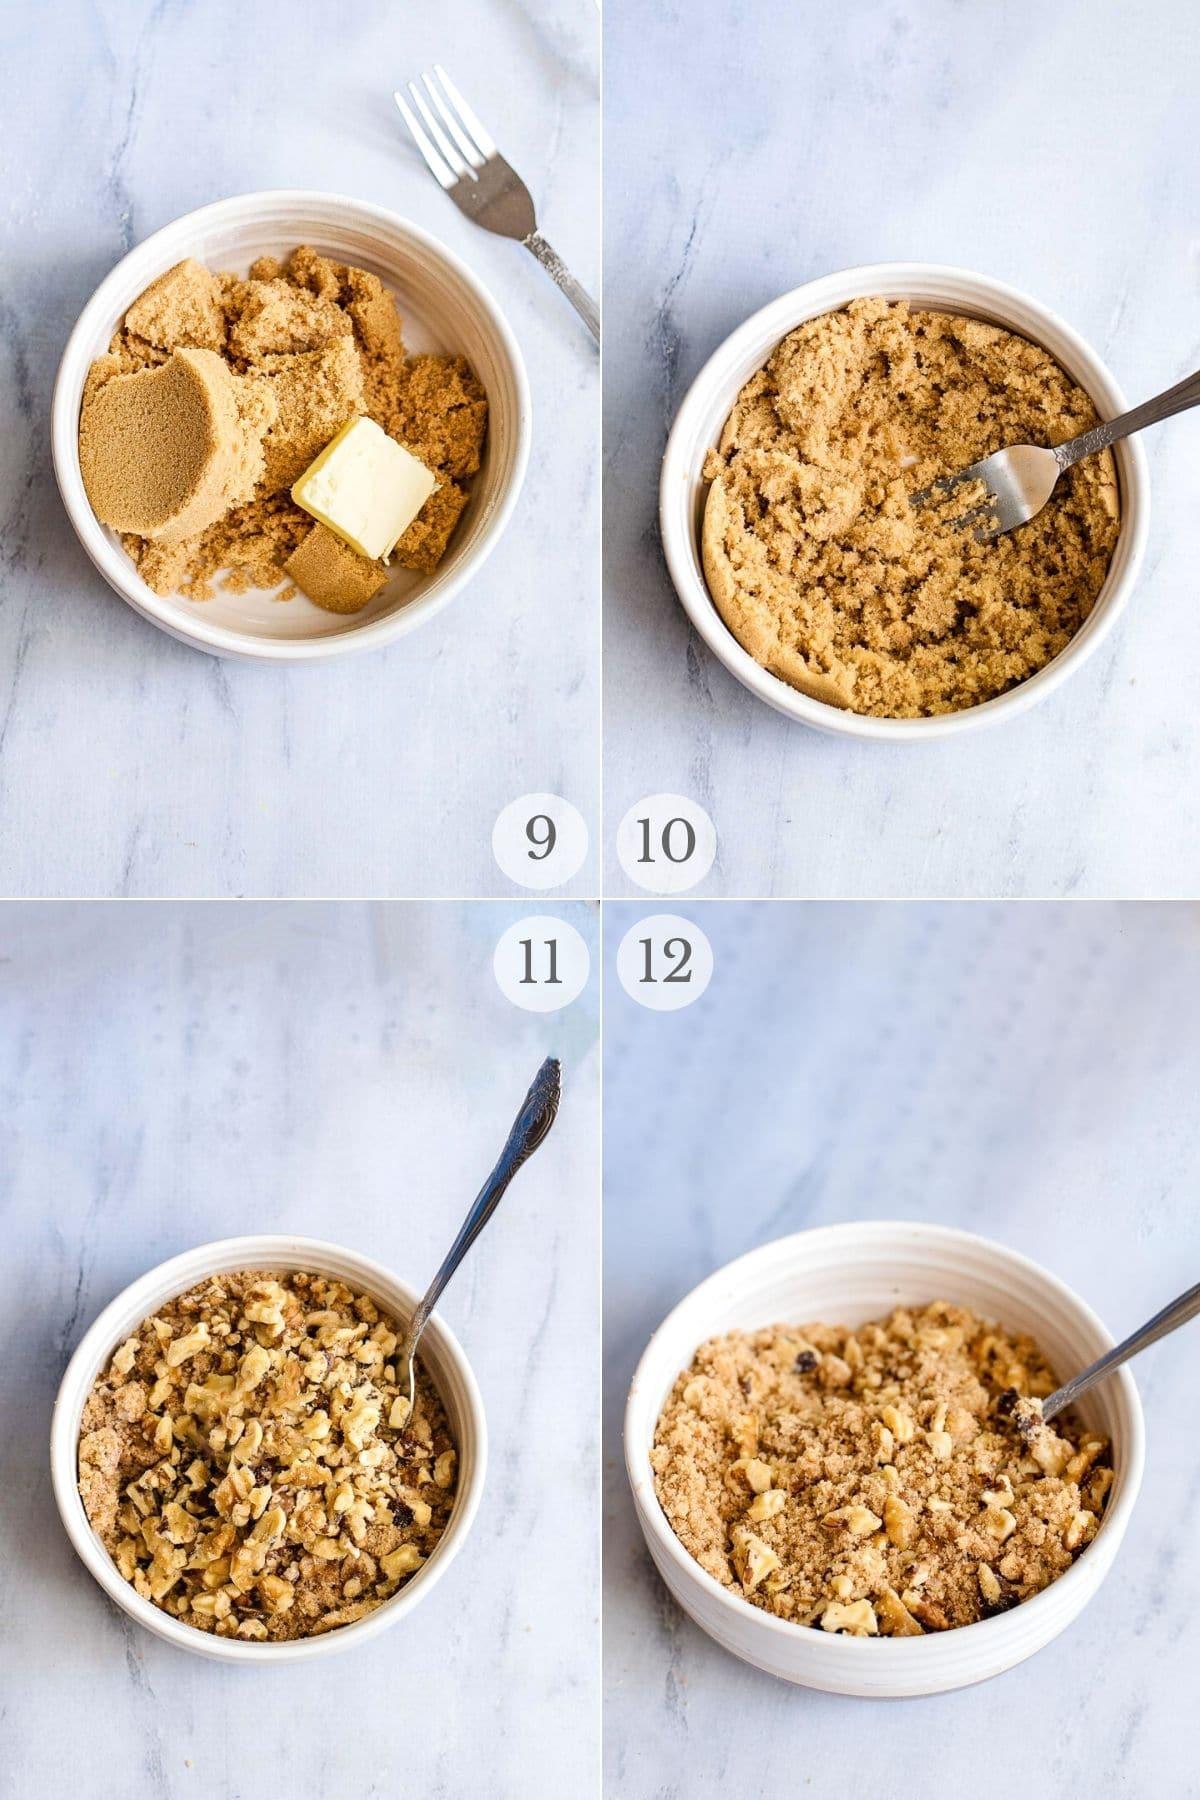 sour cream coffee cake recipe steps 9-12